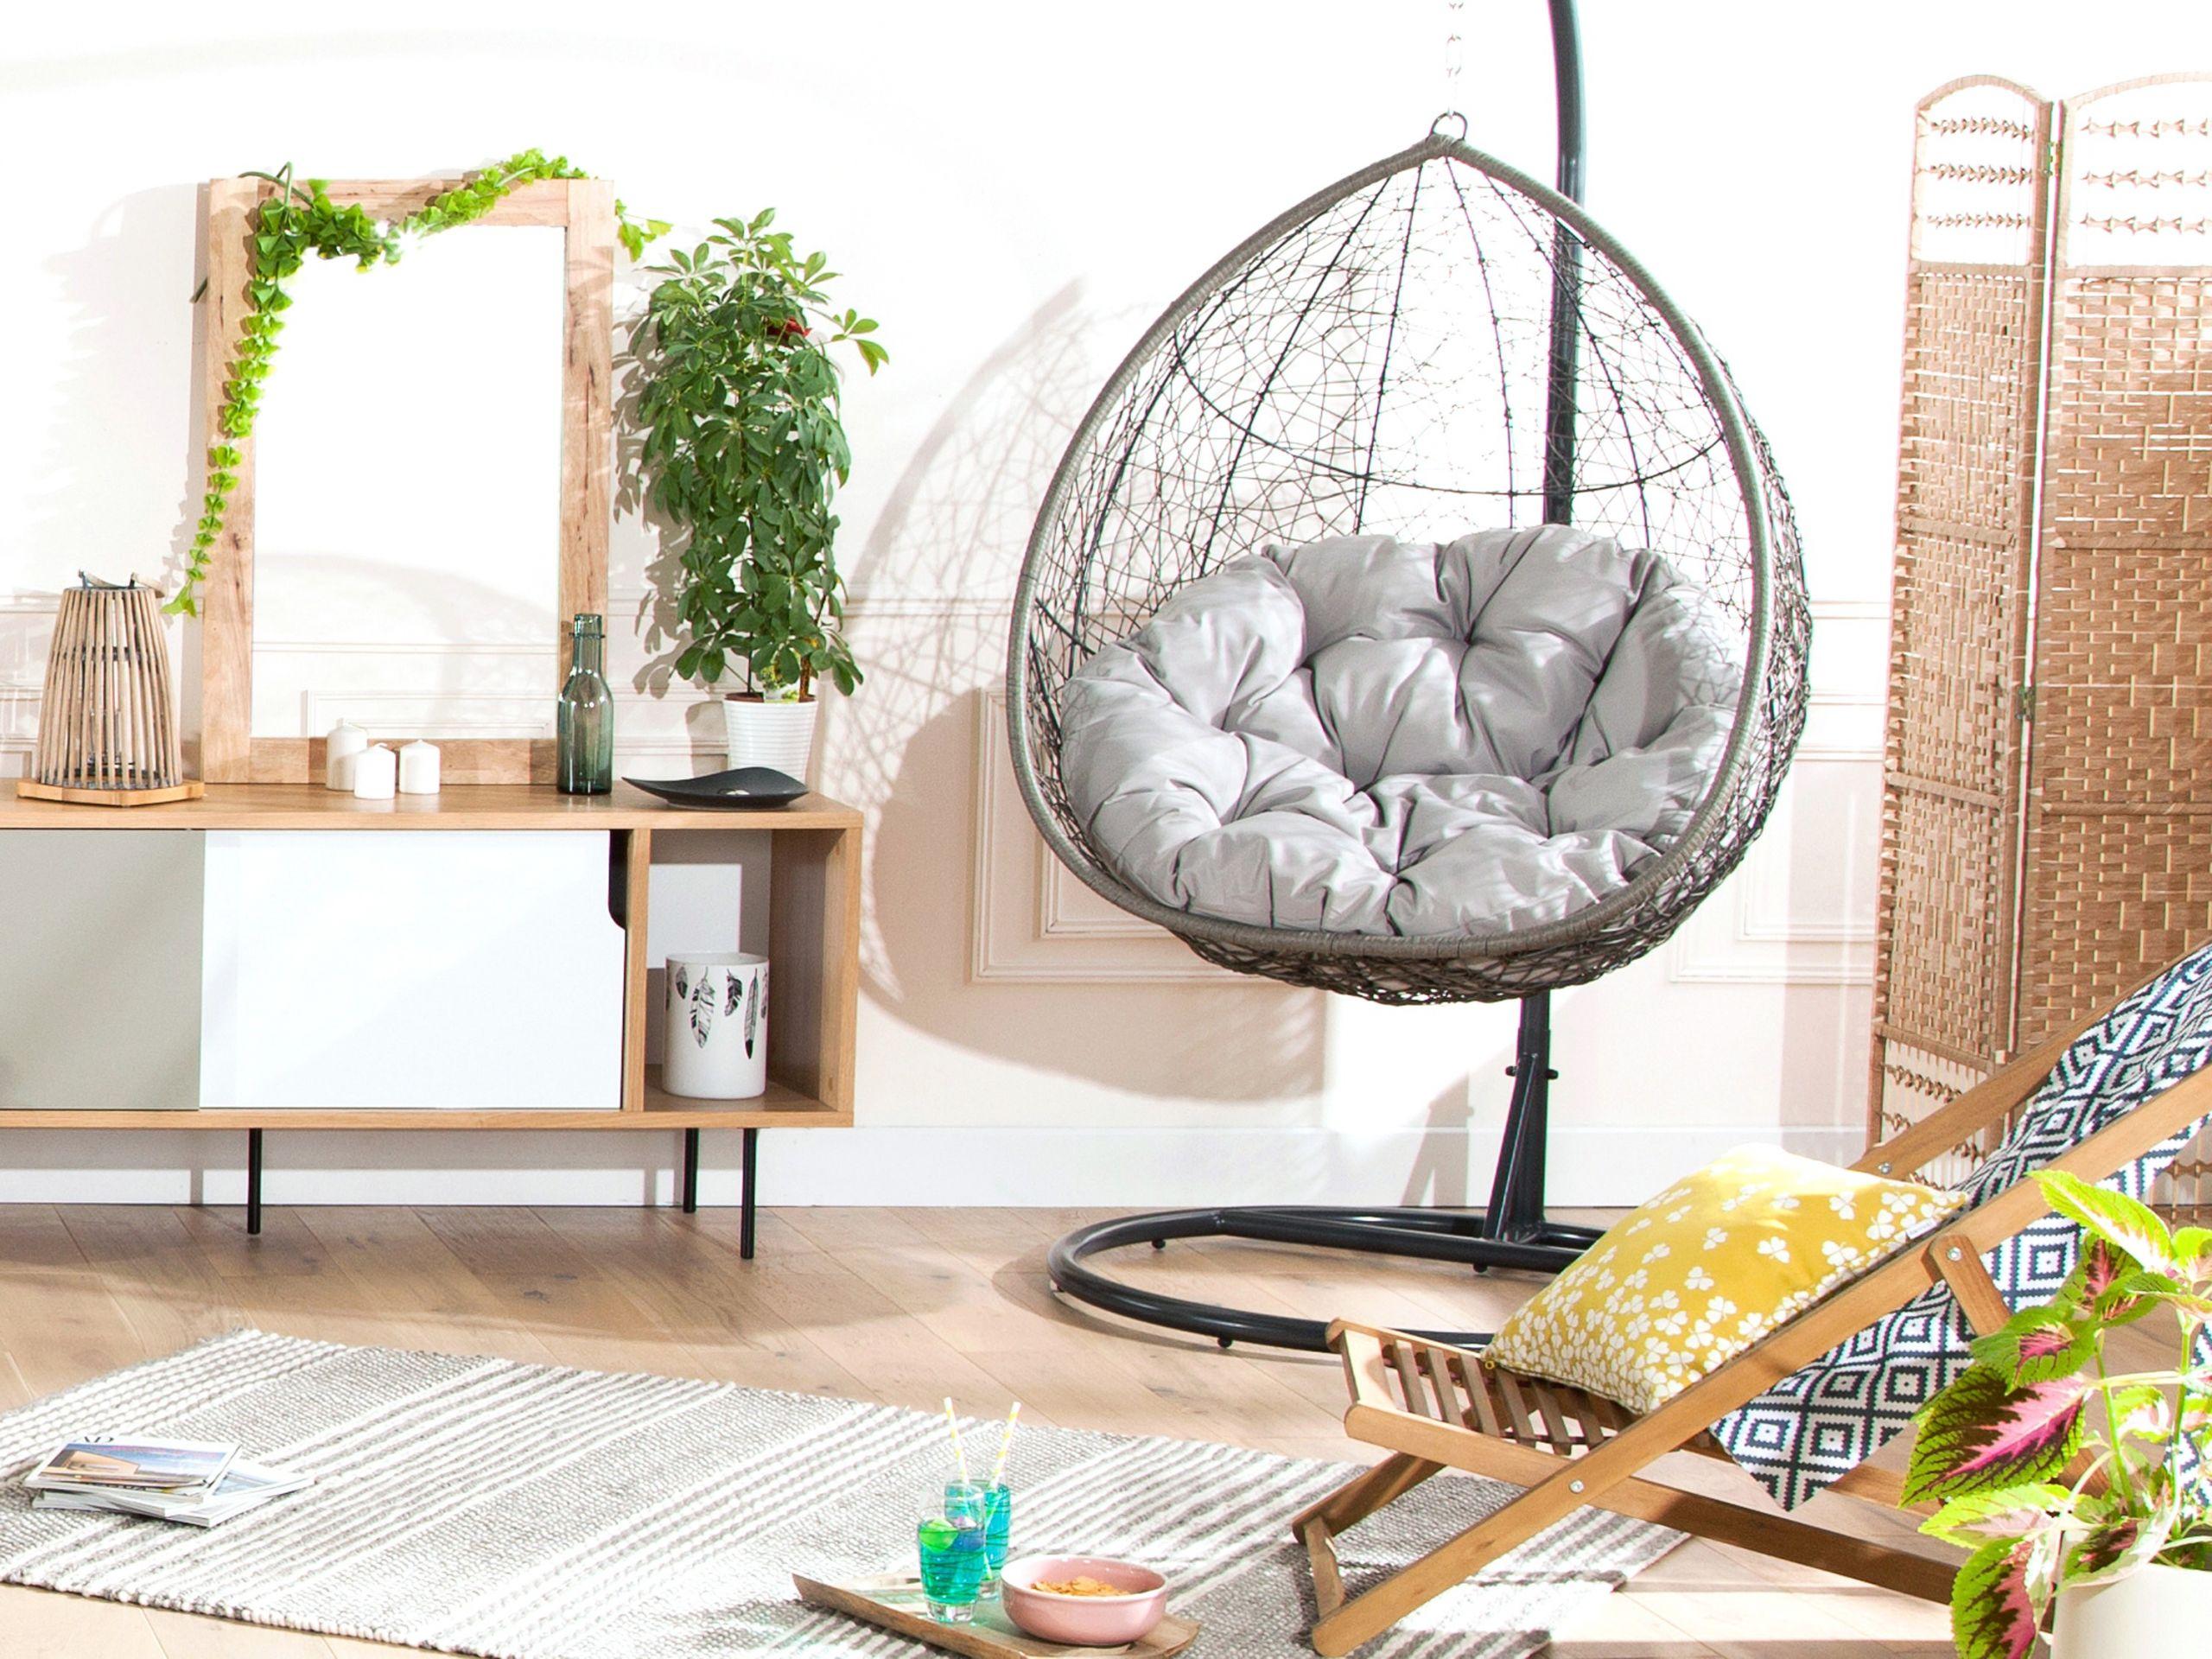 chaise suspendue interieur avec fauteuil suspendu en acier et r sine tress e taupe ovalang idees jha 0403 2250 p07 jardin resine tressee 3000x2250px in